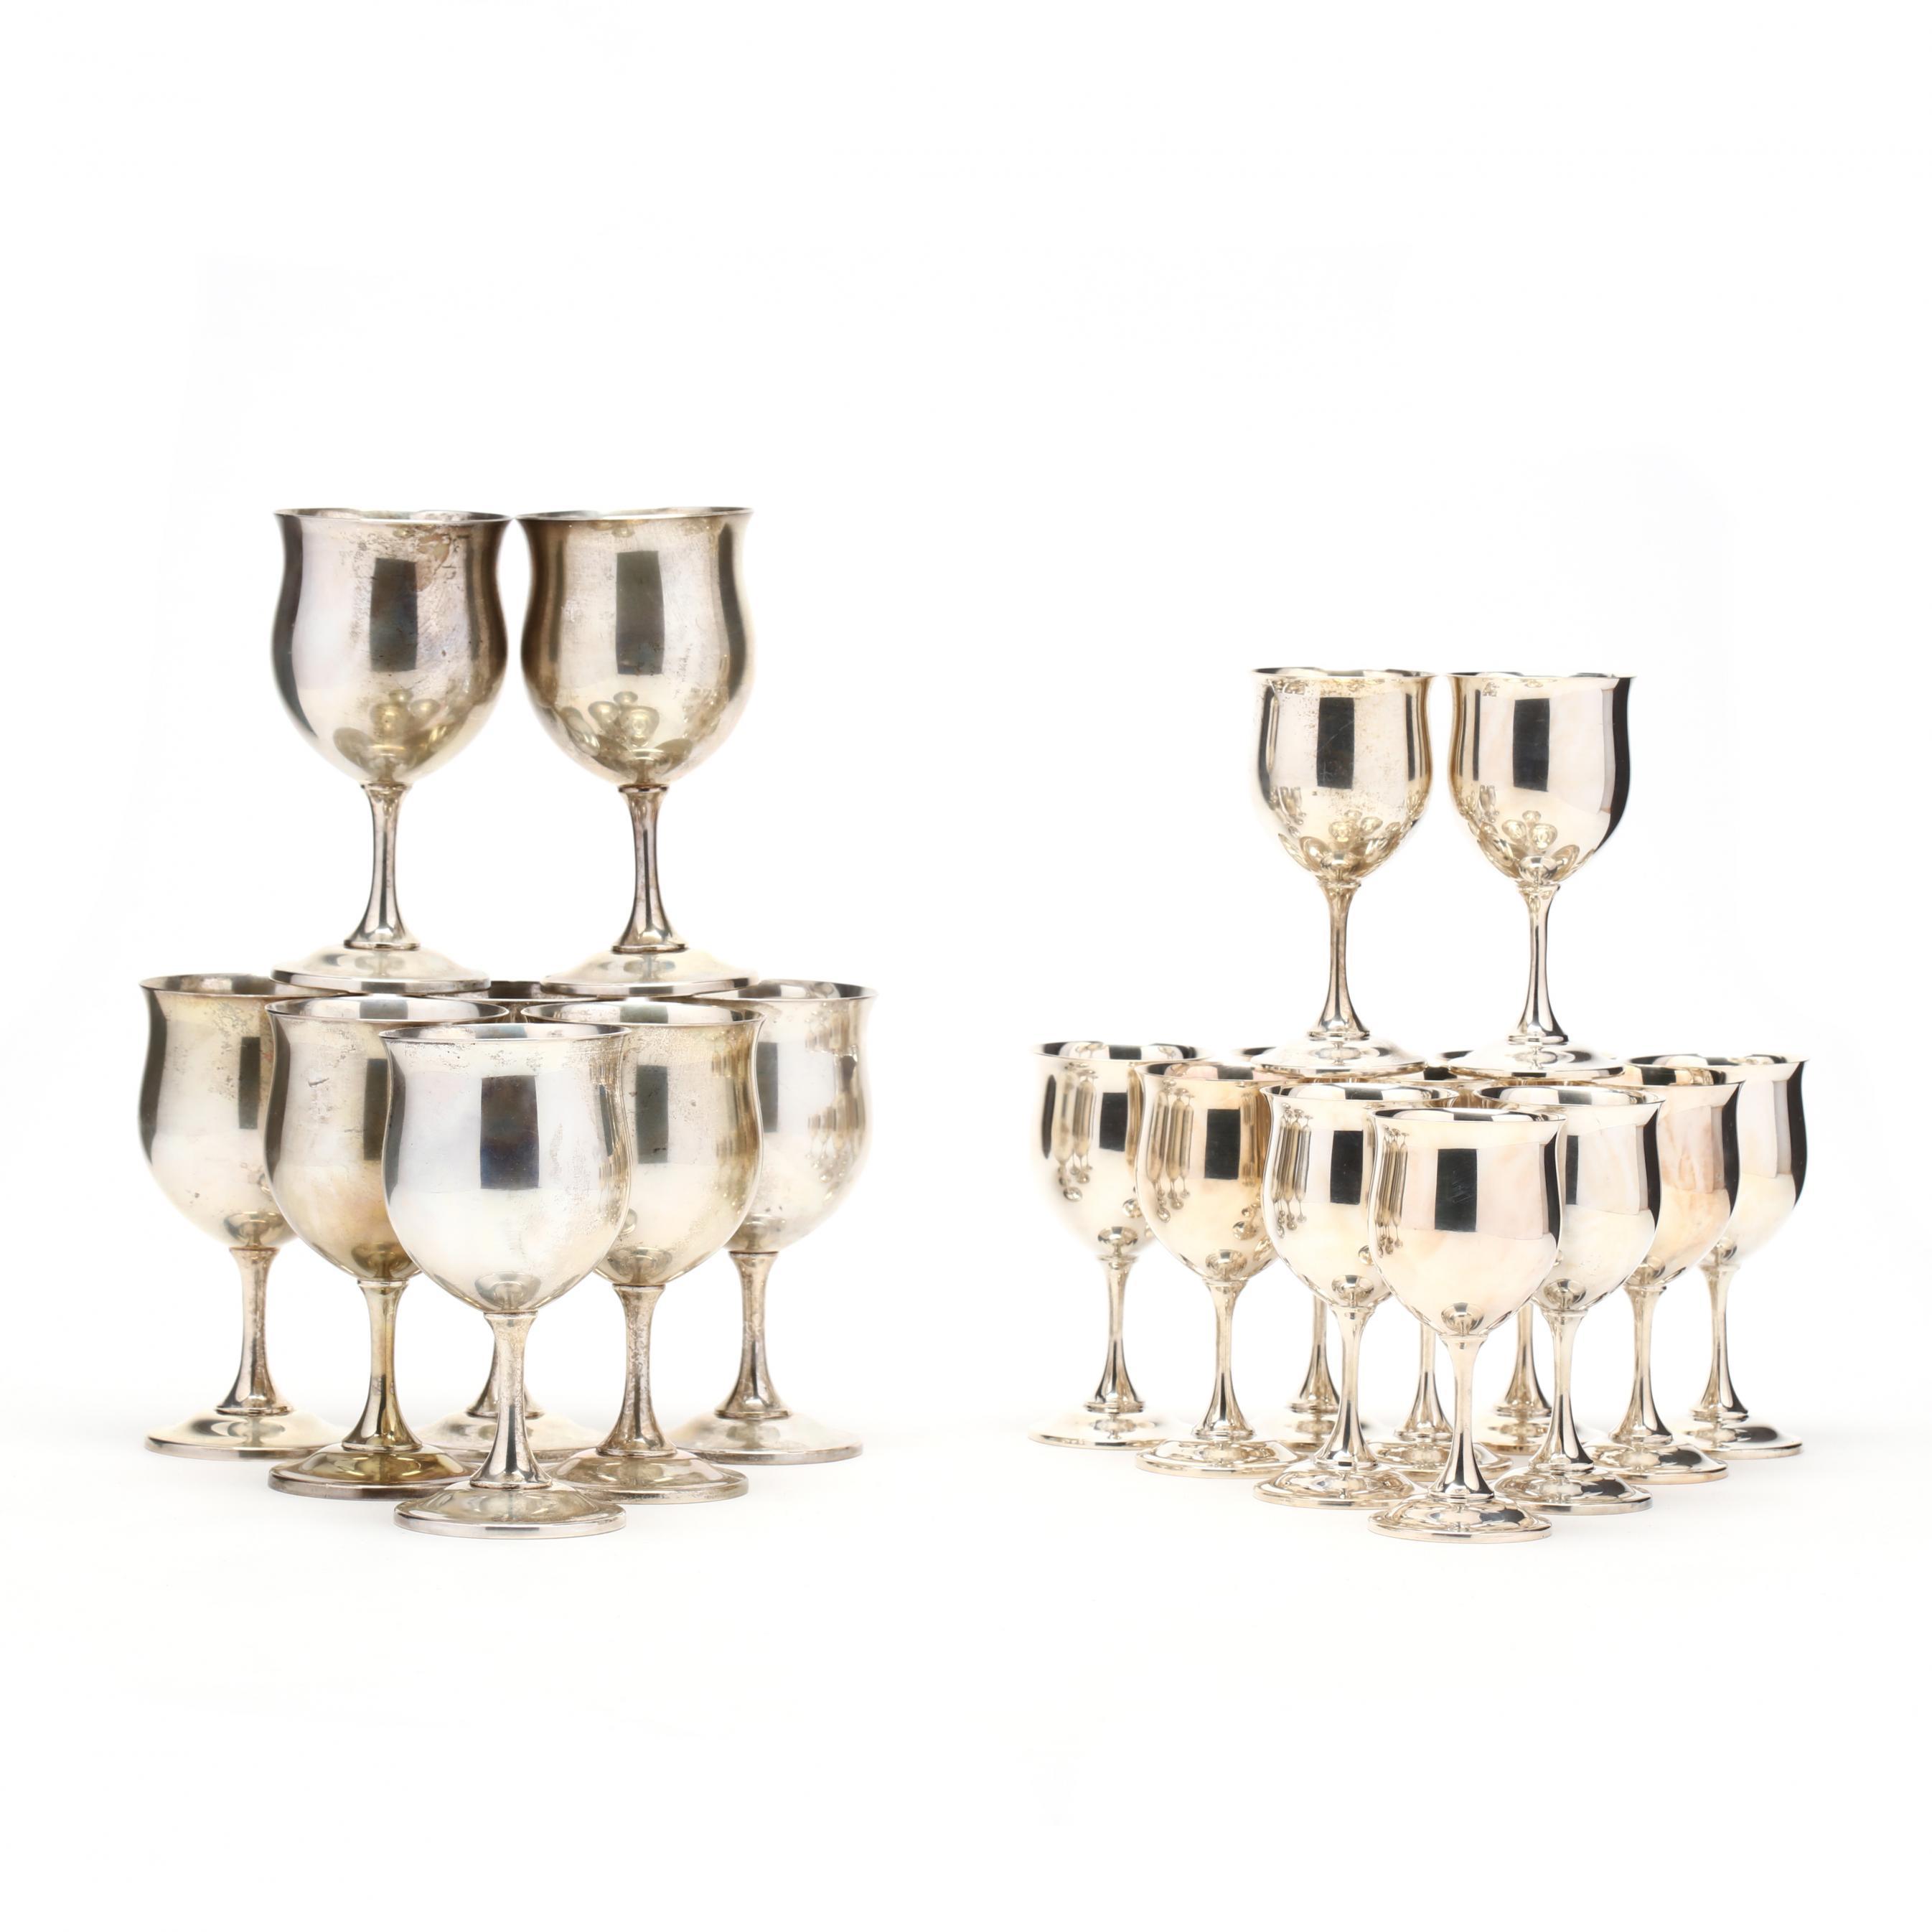 reed-barton-queen-elizabeth-sterling-silver-stemware-suite